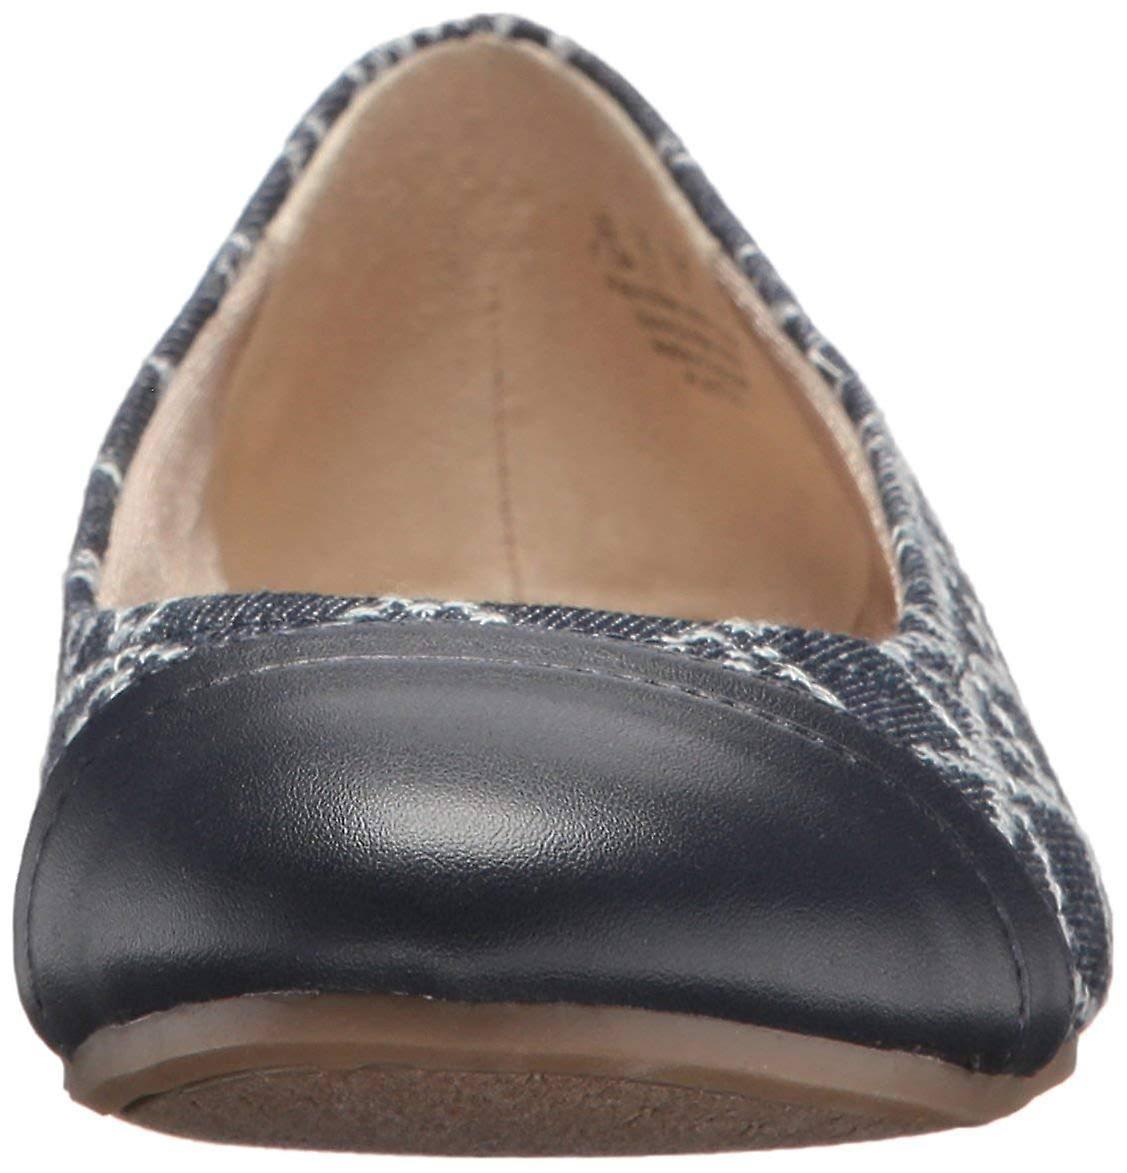 Ballet Teen Speelse Flats Cap Lifestride Womens lcFJK1